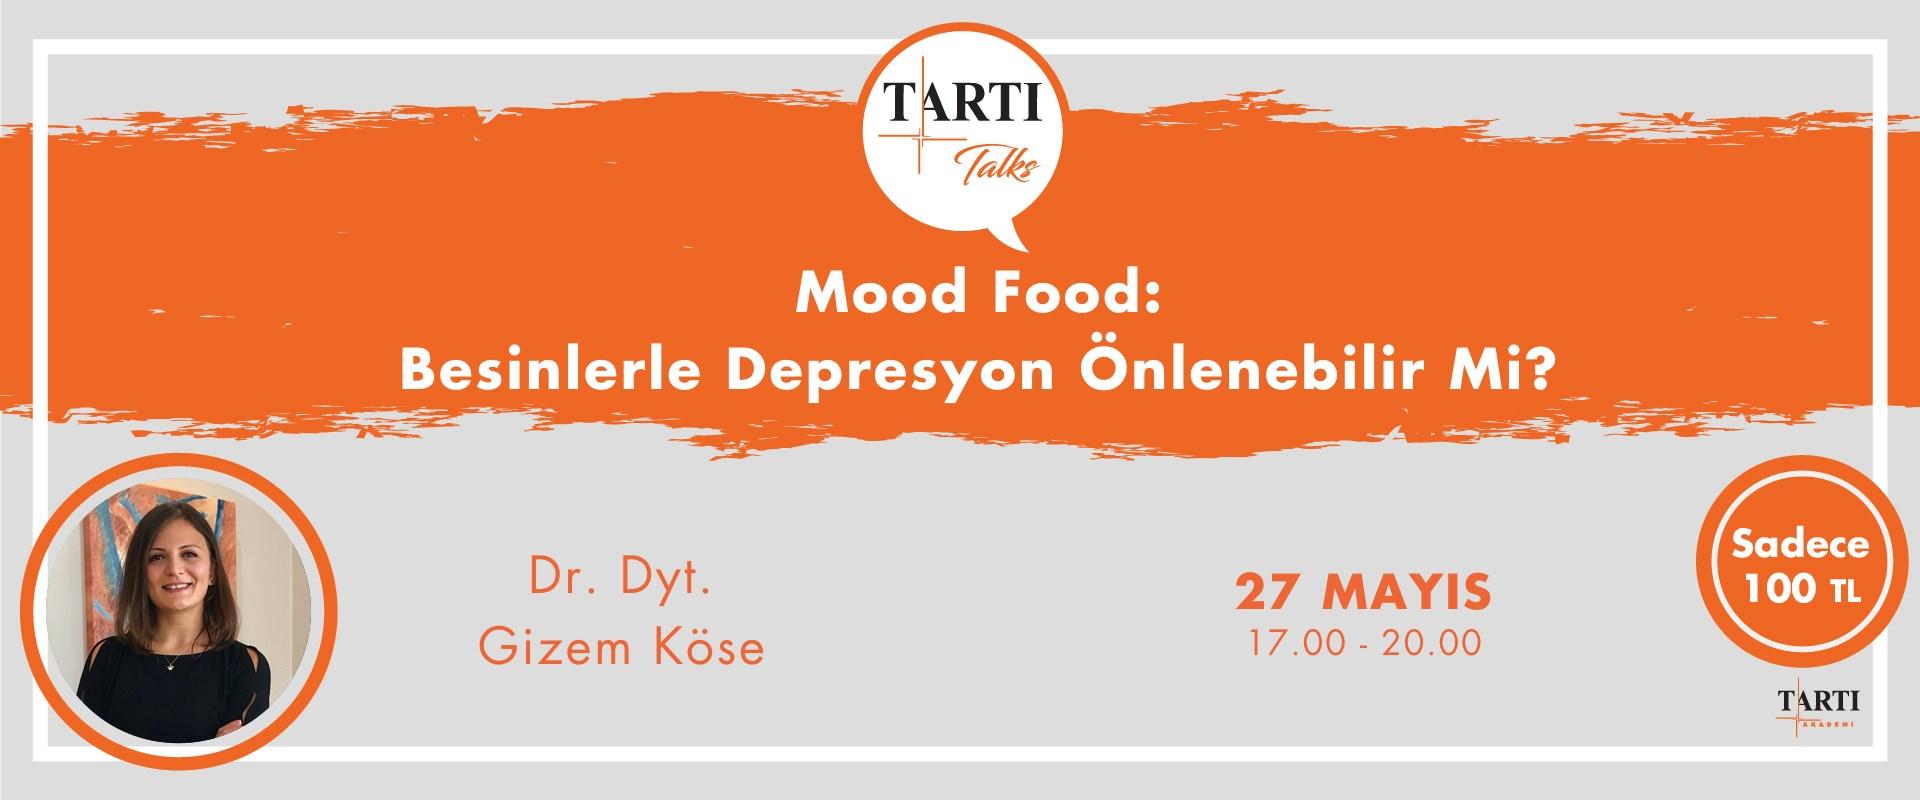 """Kalıcı bağlantı: """"Food Mood: Besinlerle Depresyon Önlenebilir mi?"""" eğitimi"""